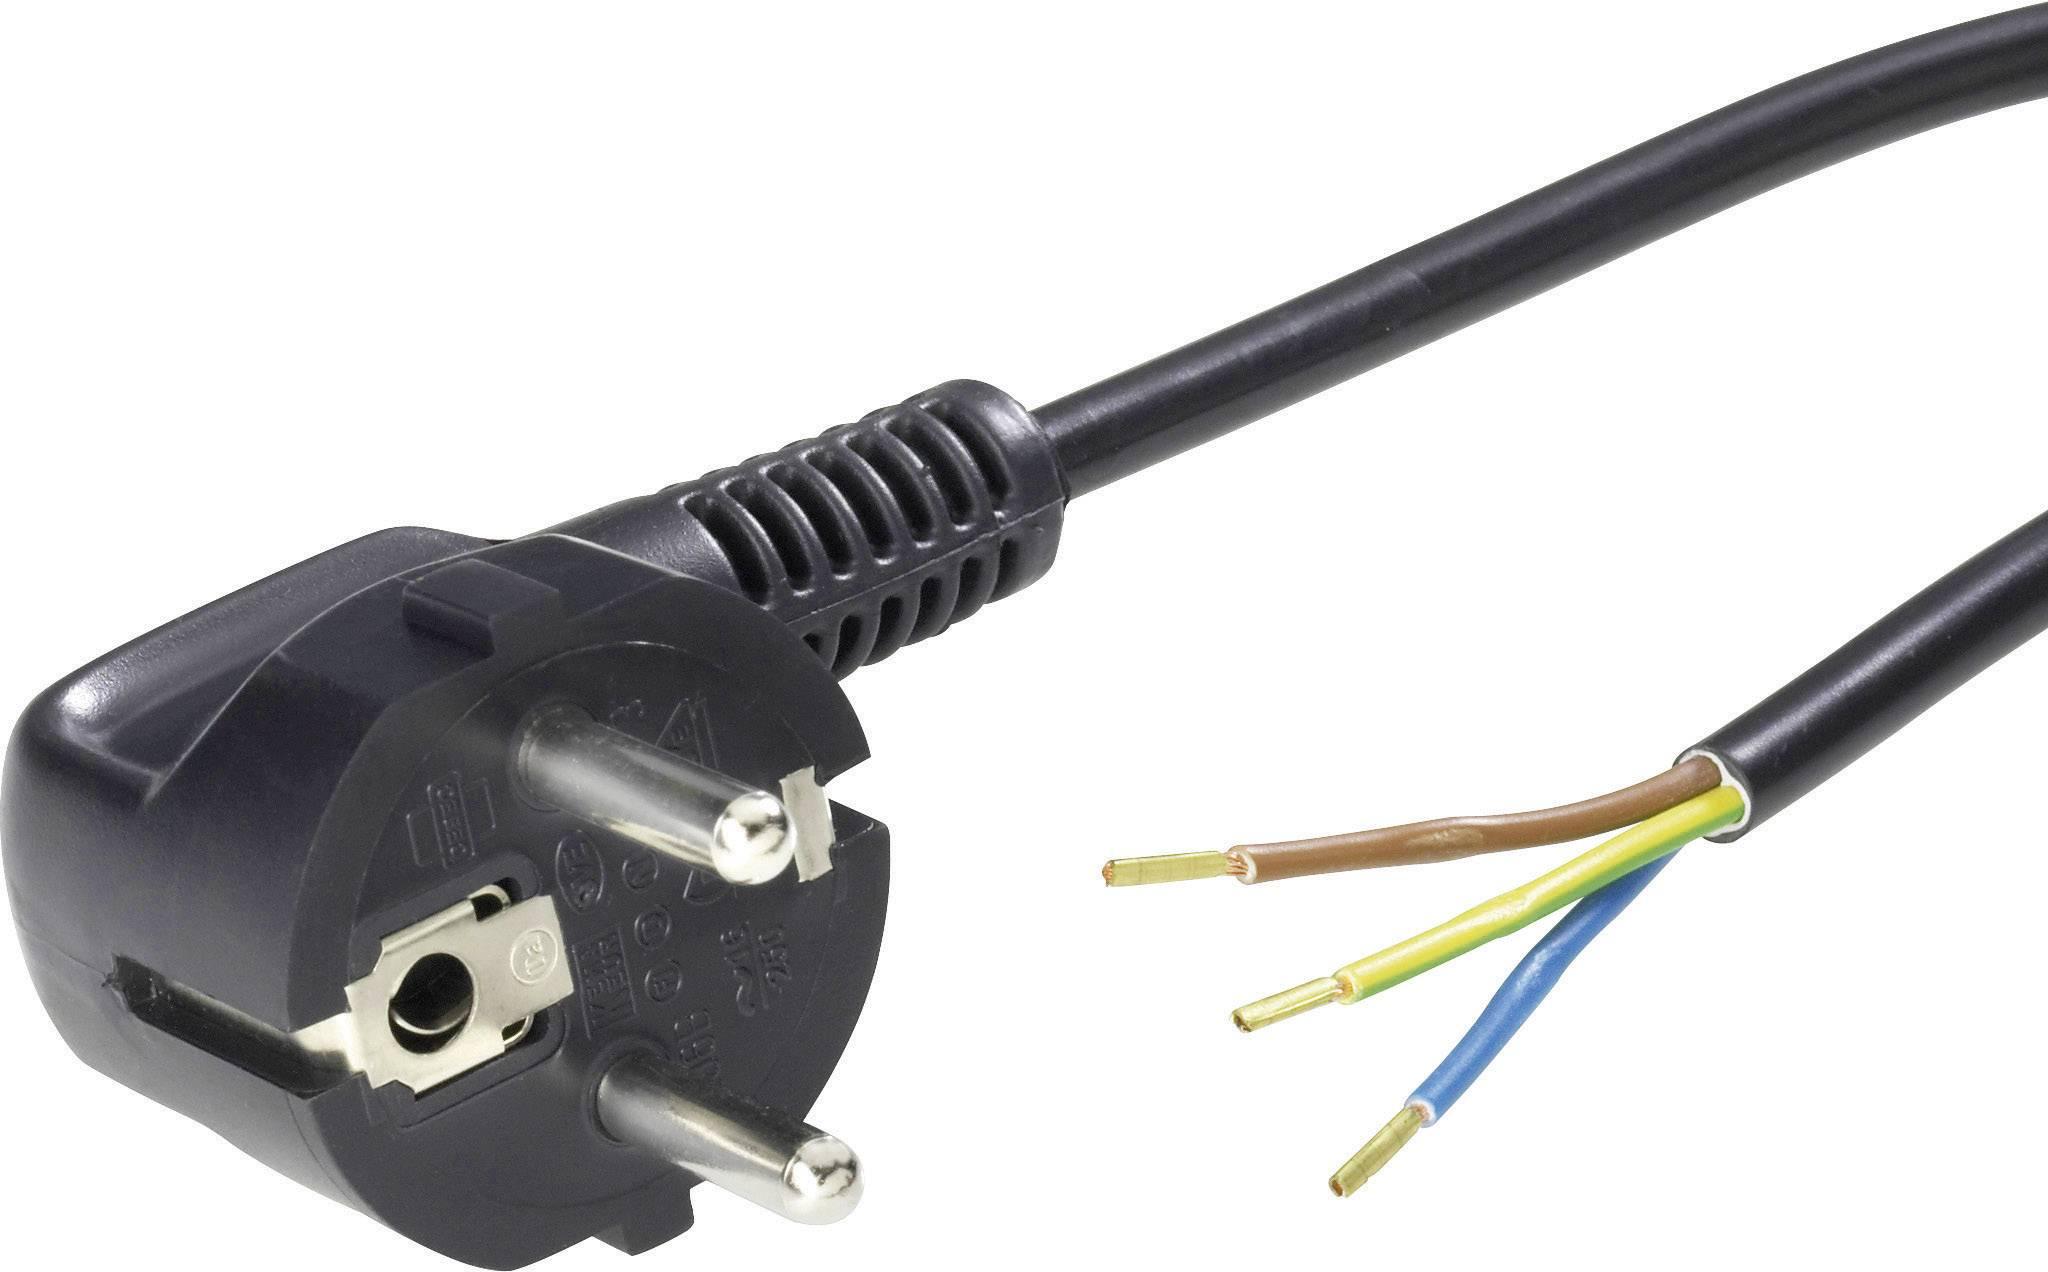 Připojovací kabel NETZFLEXR H05VV-F 3G1,5 černý